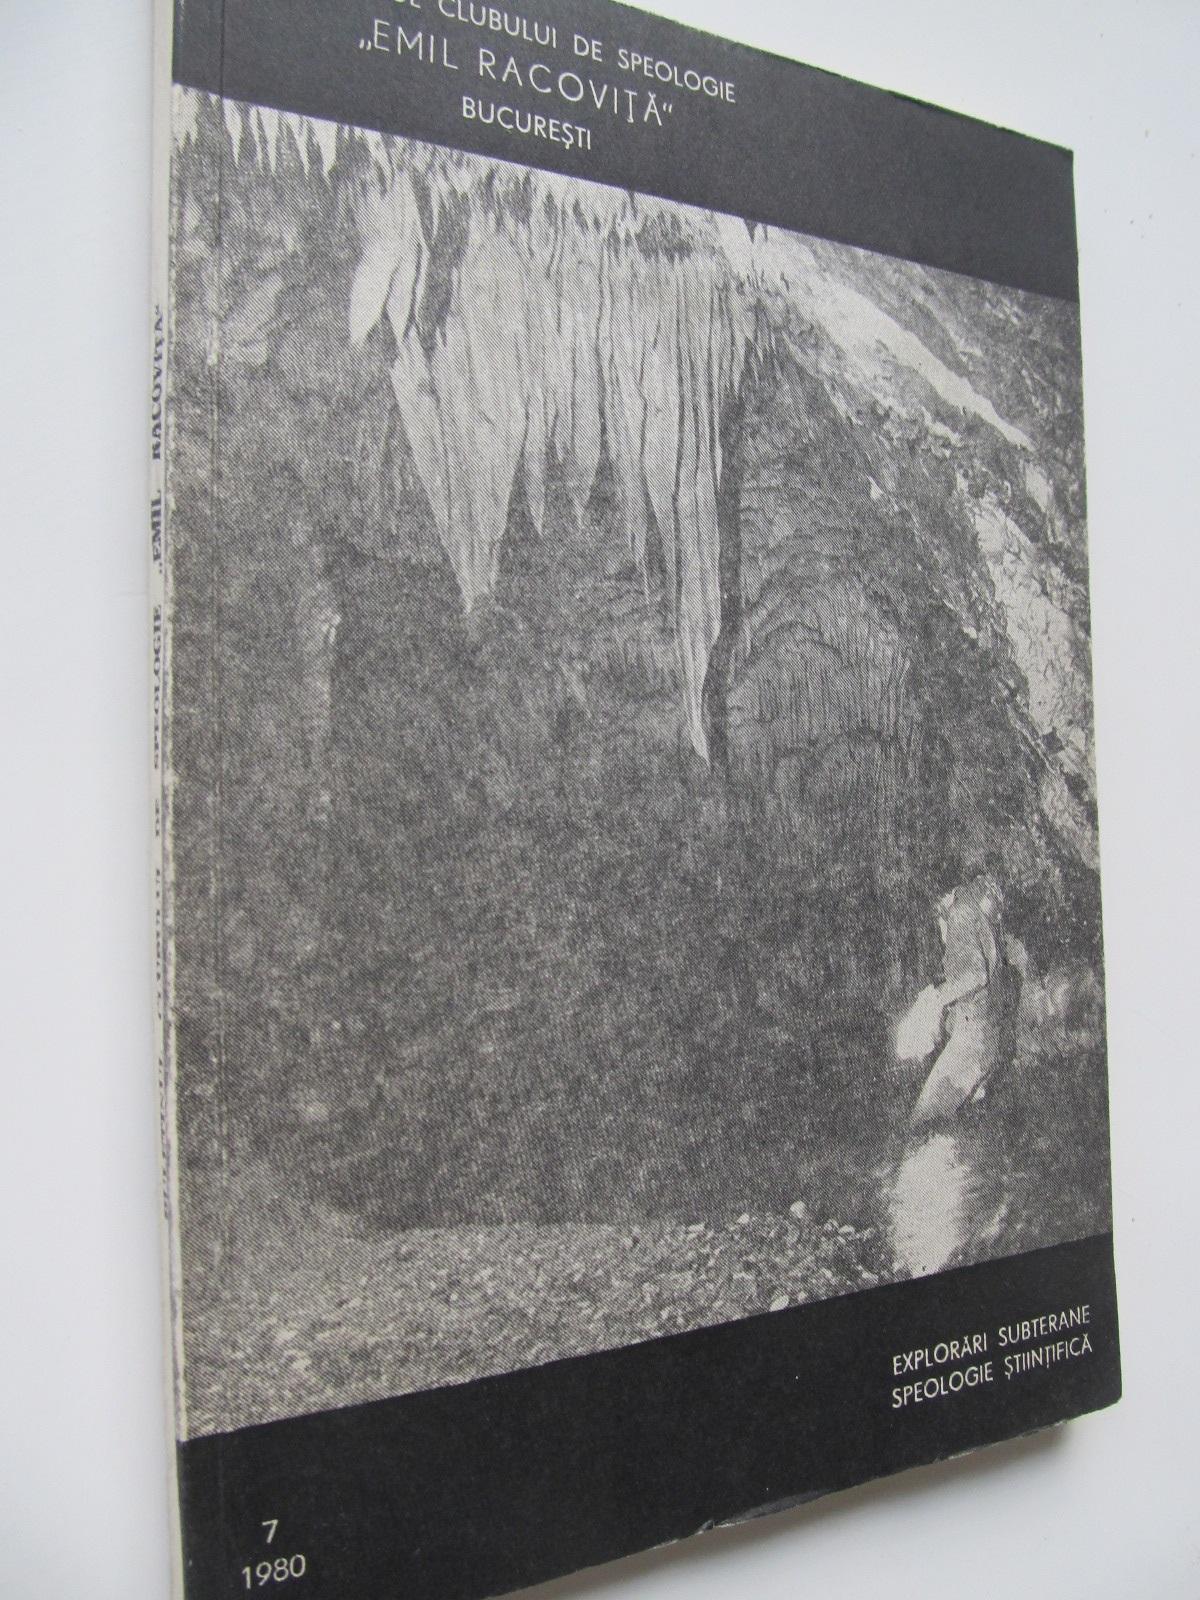 Buletinul clubului de speologie Emil Racovita Nr. 7 / 1980 - *** | Detalii carte